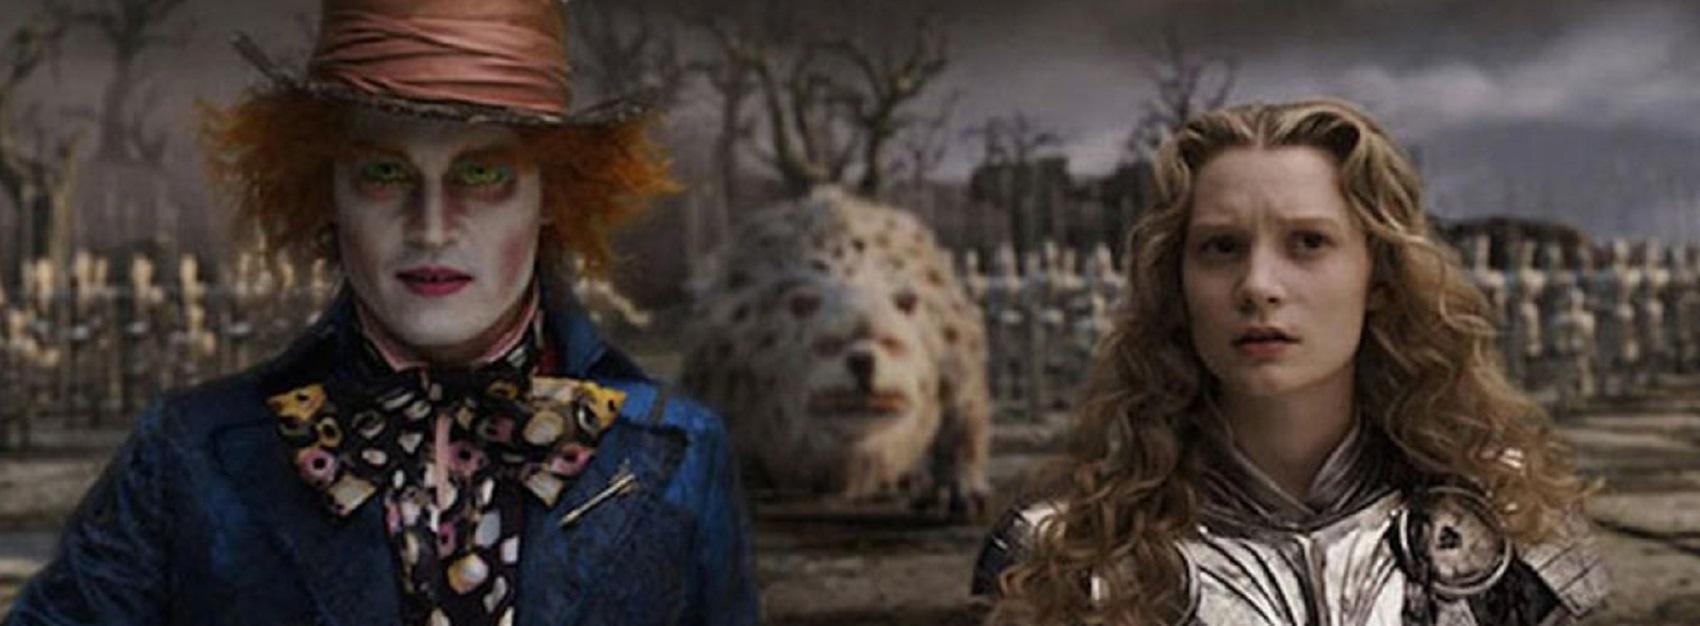 Cinema 2016: da Alejandro González Iñárritu a Rob Zombie, ecco tutte le novità sui film in uscita nelle sale italiane